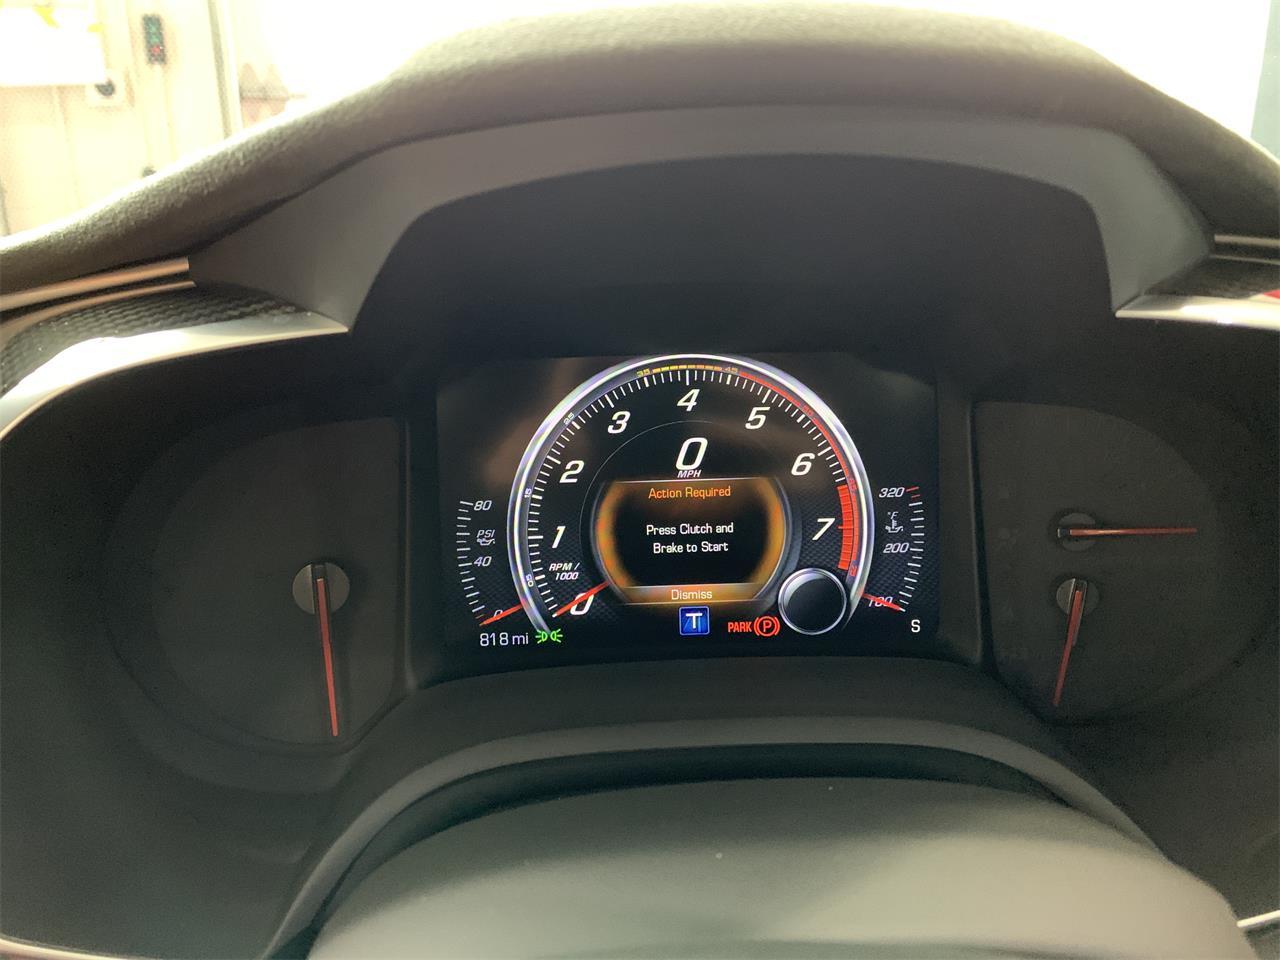 2019 Chevrolet Corvette (CC-1320582) for sale in Salt Lake City, Utah